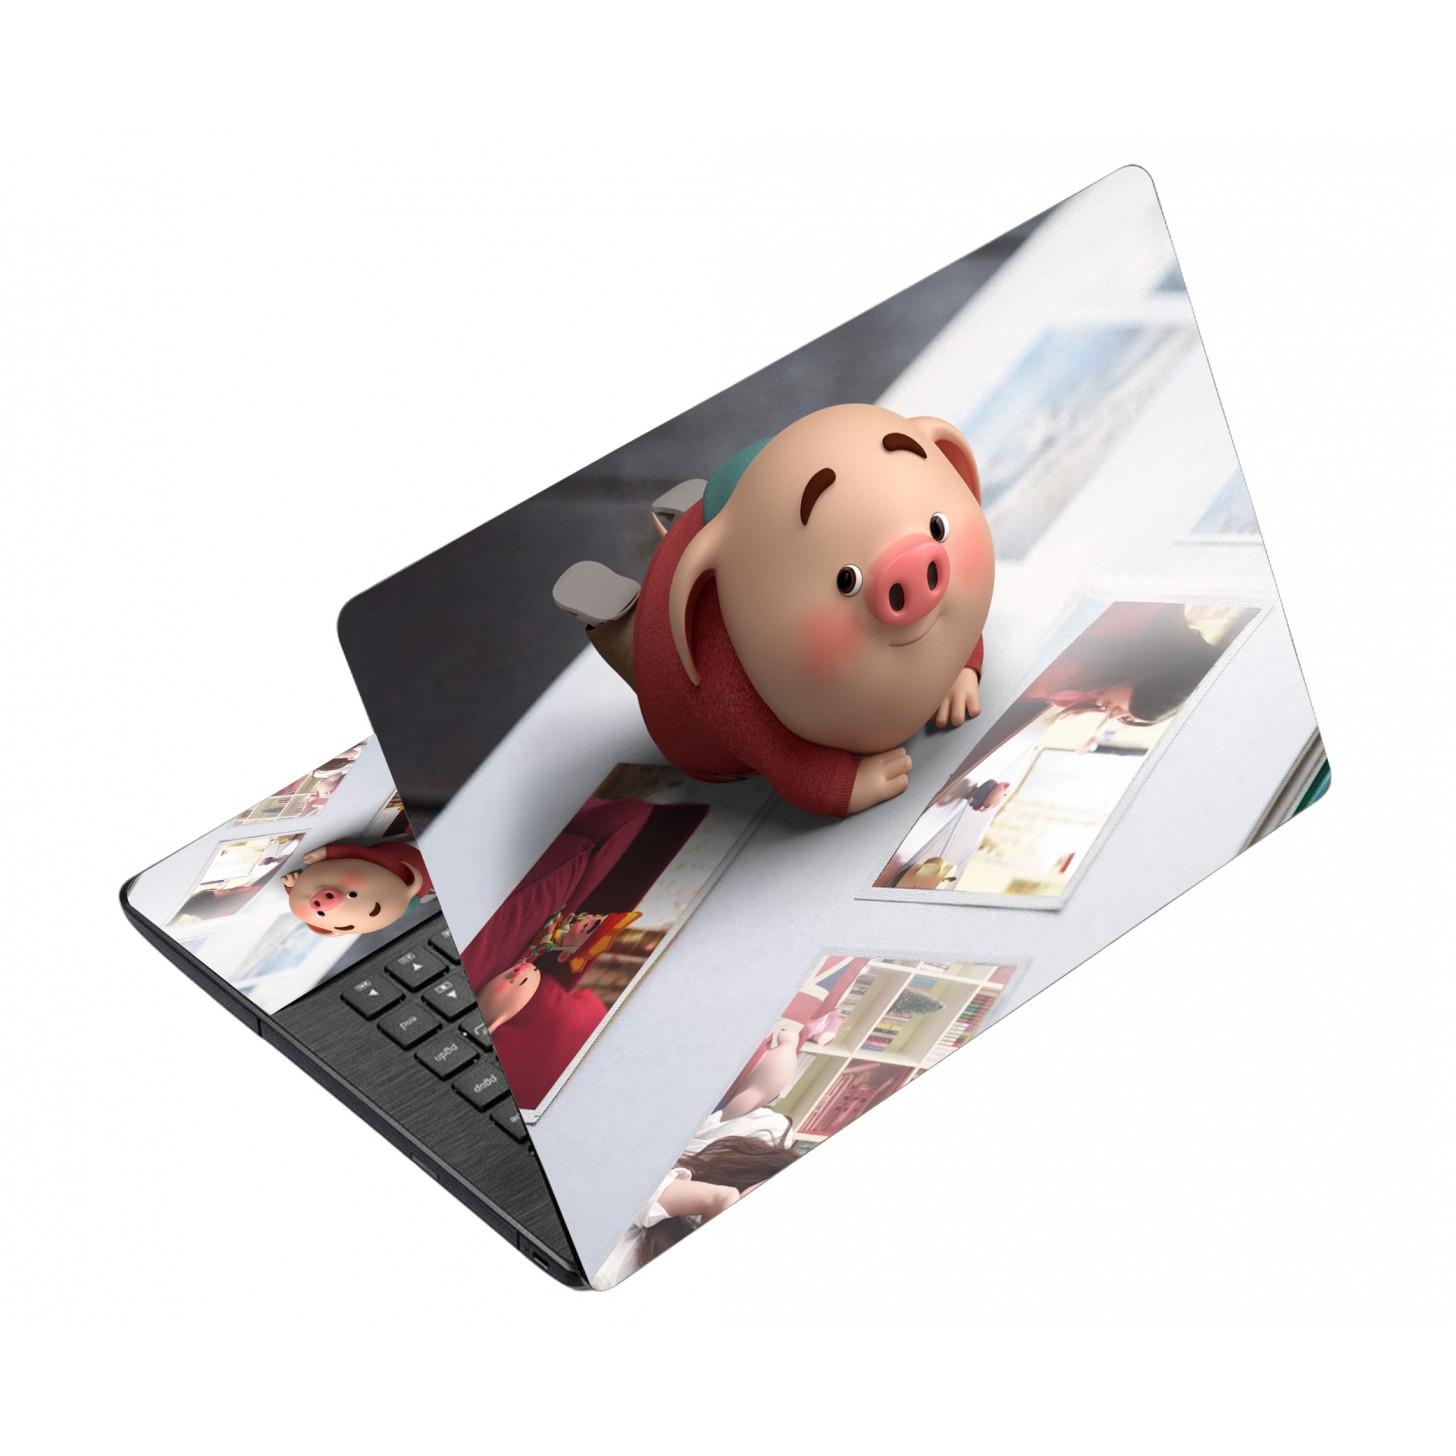 Mẫu Dán Laptop Hoạt Hình LTHH - 420 cỡ 13 inch